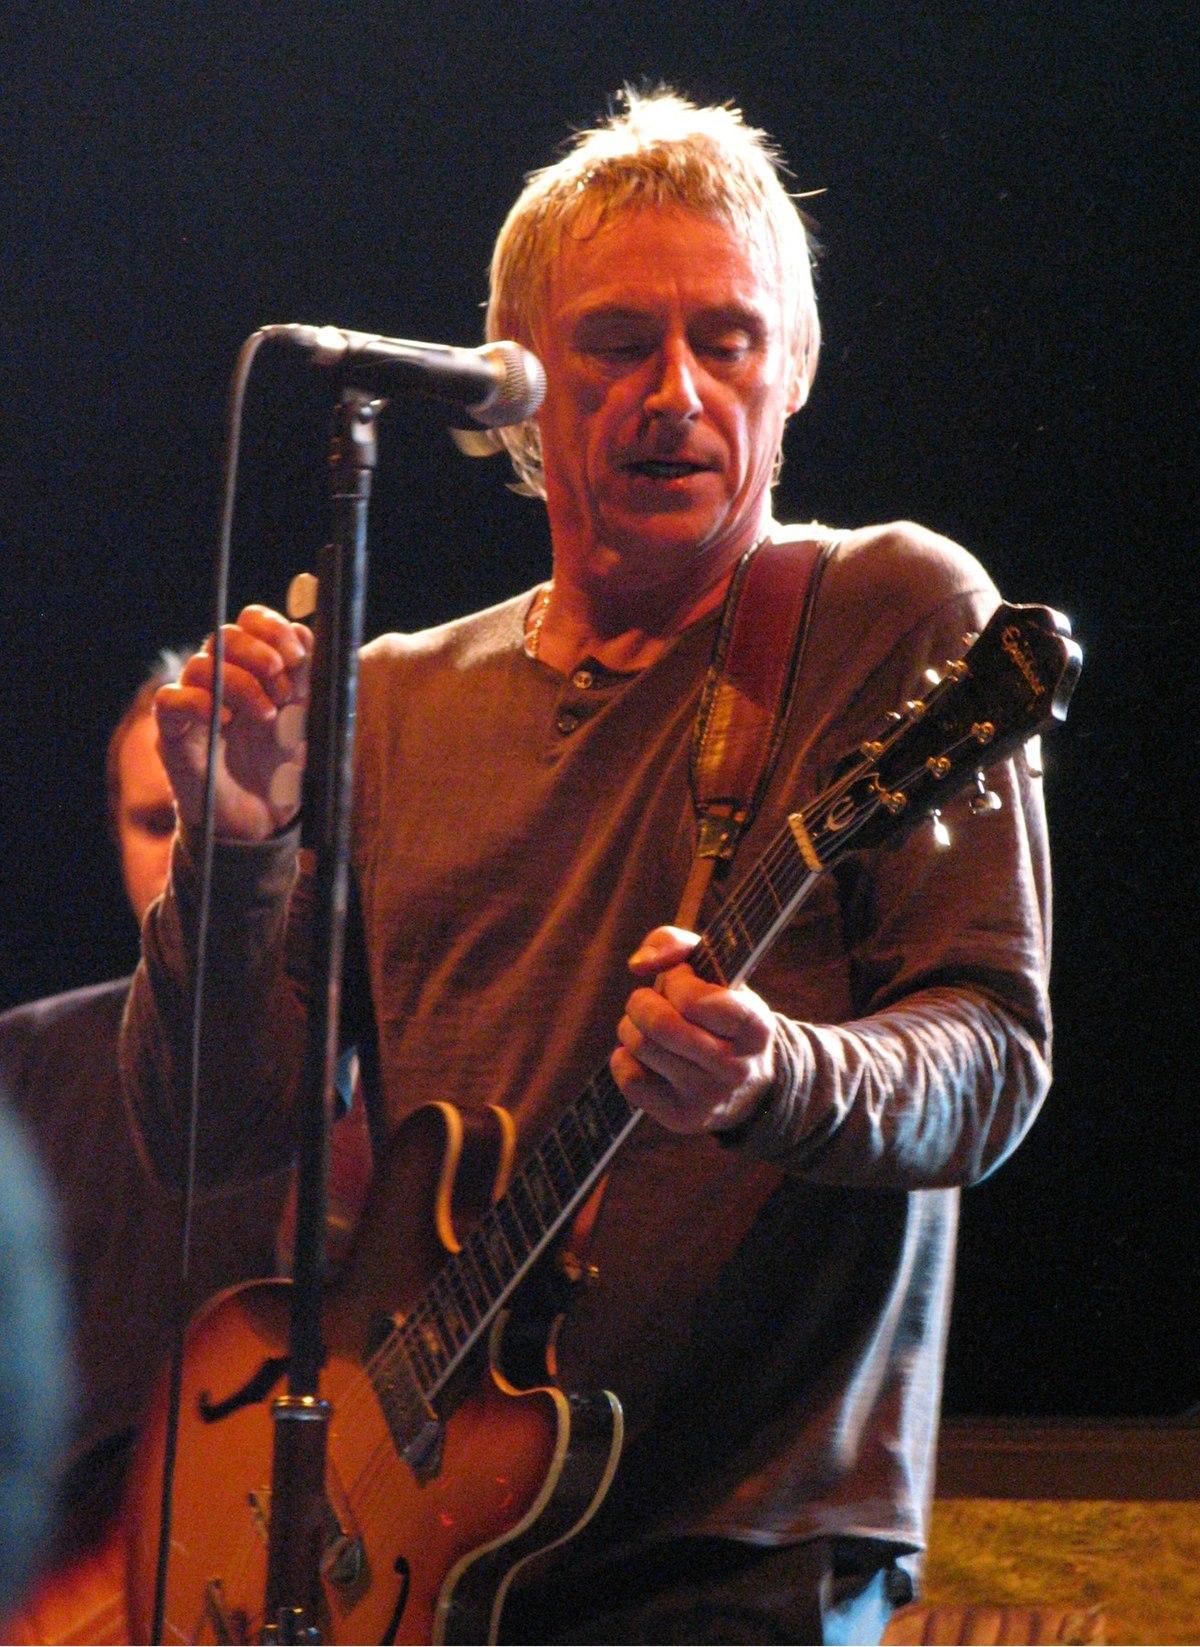 Paul Weller - Wikipedia